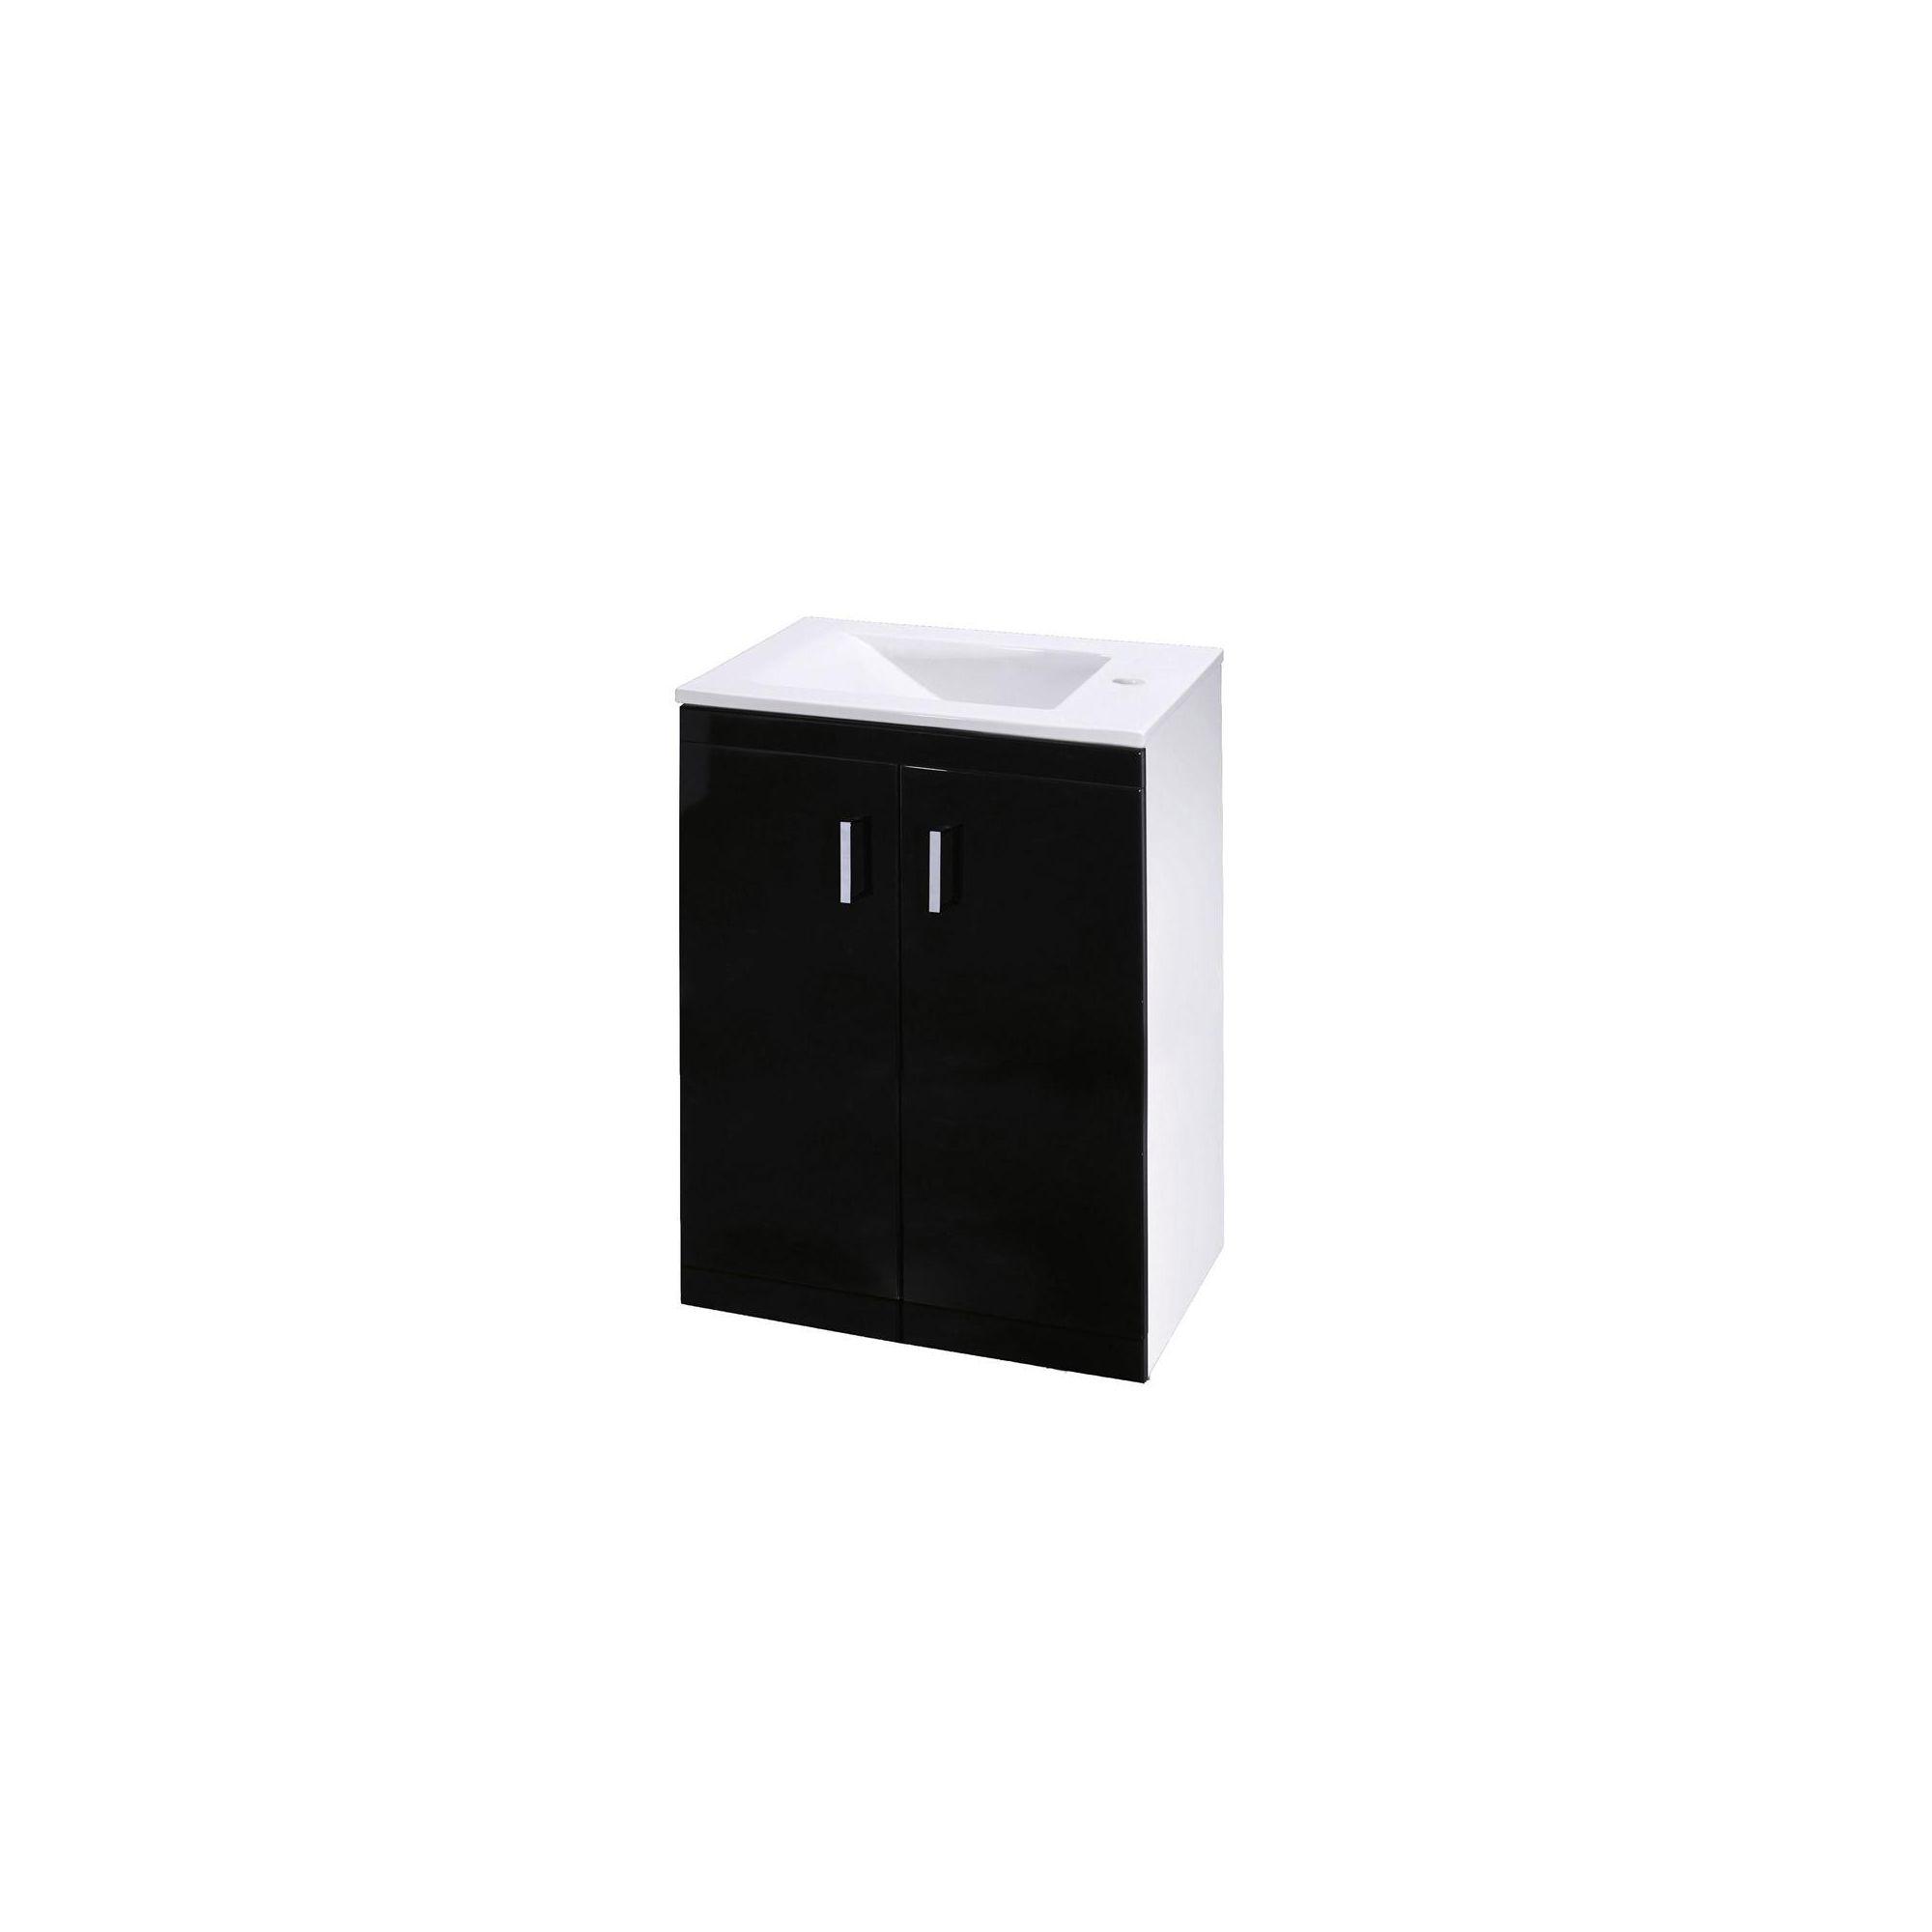 Premier Liberty Floor Standing 2 Door Unit High Gloss Black